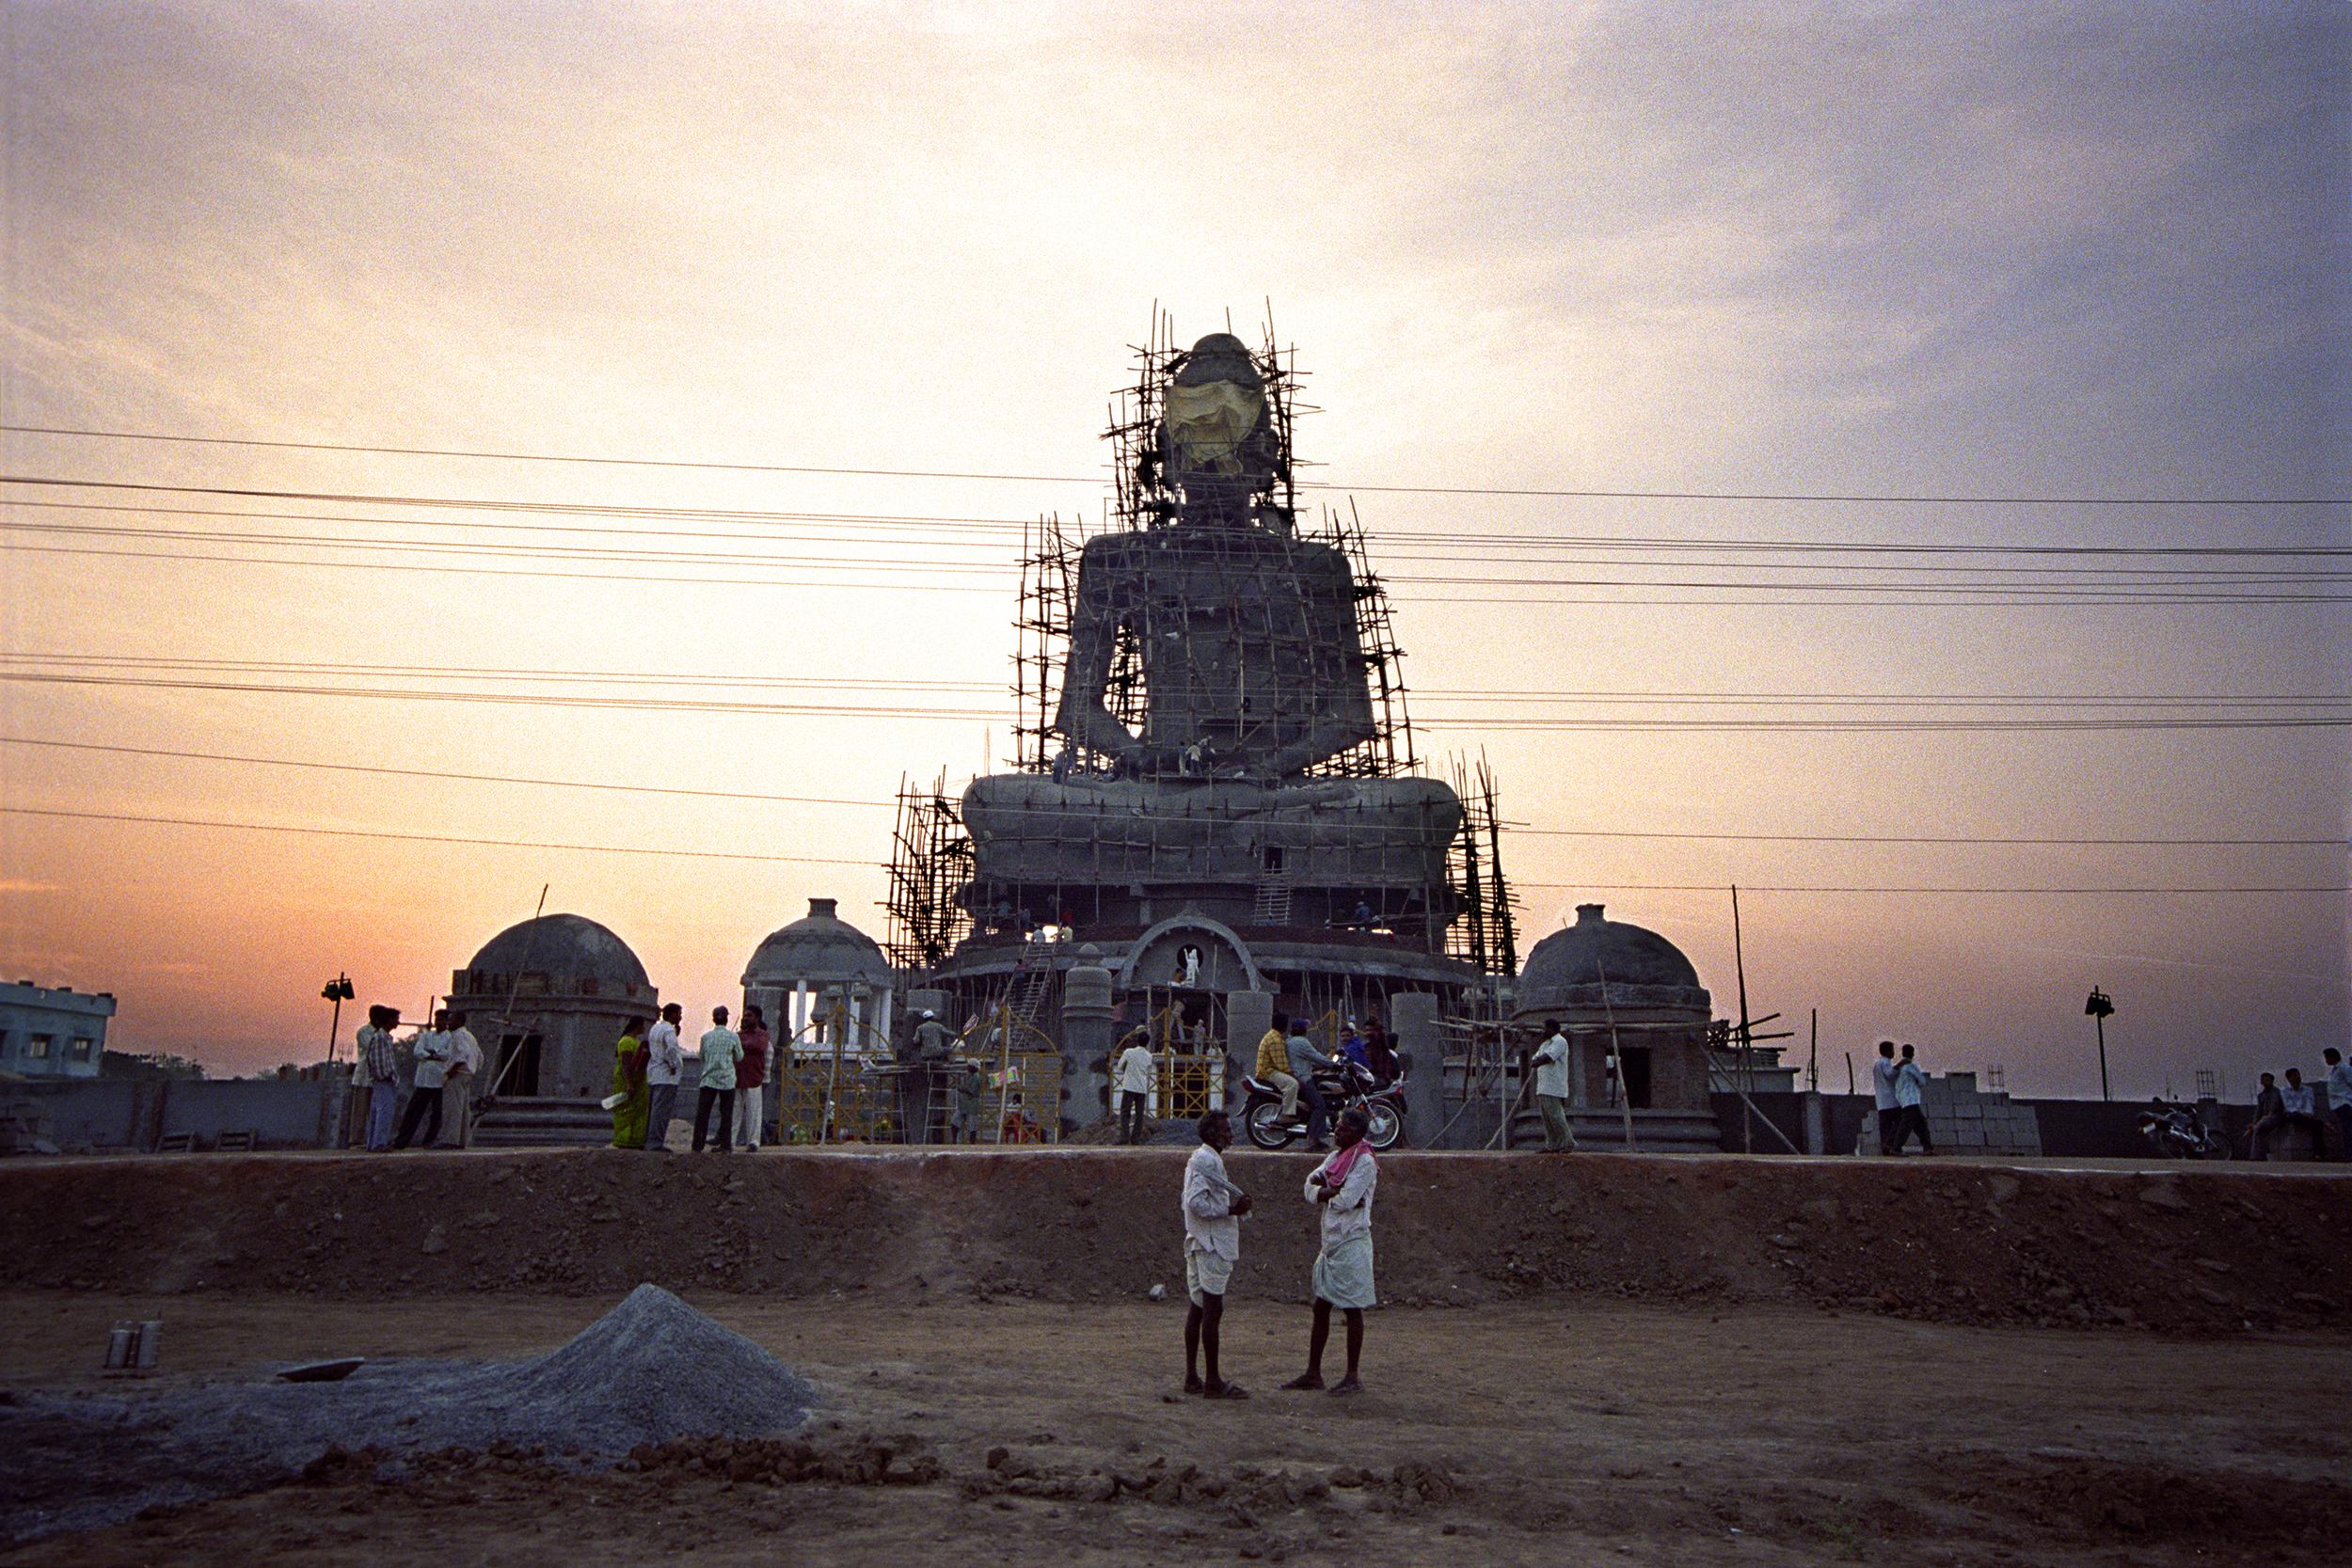 Web_amar_buddha at sunset .jpg